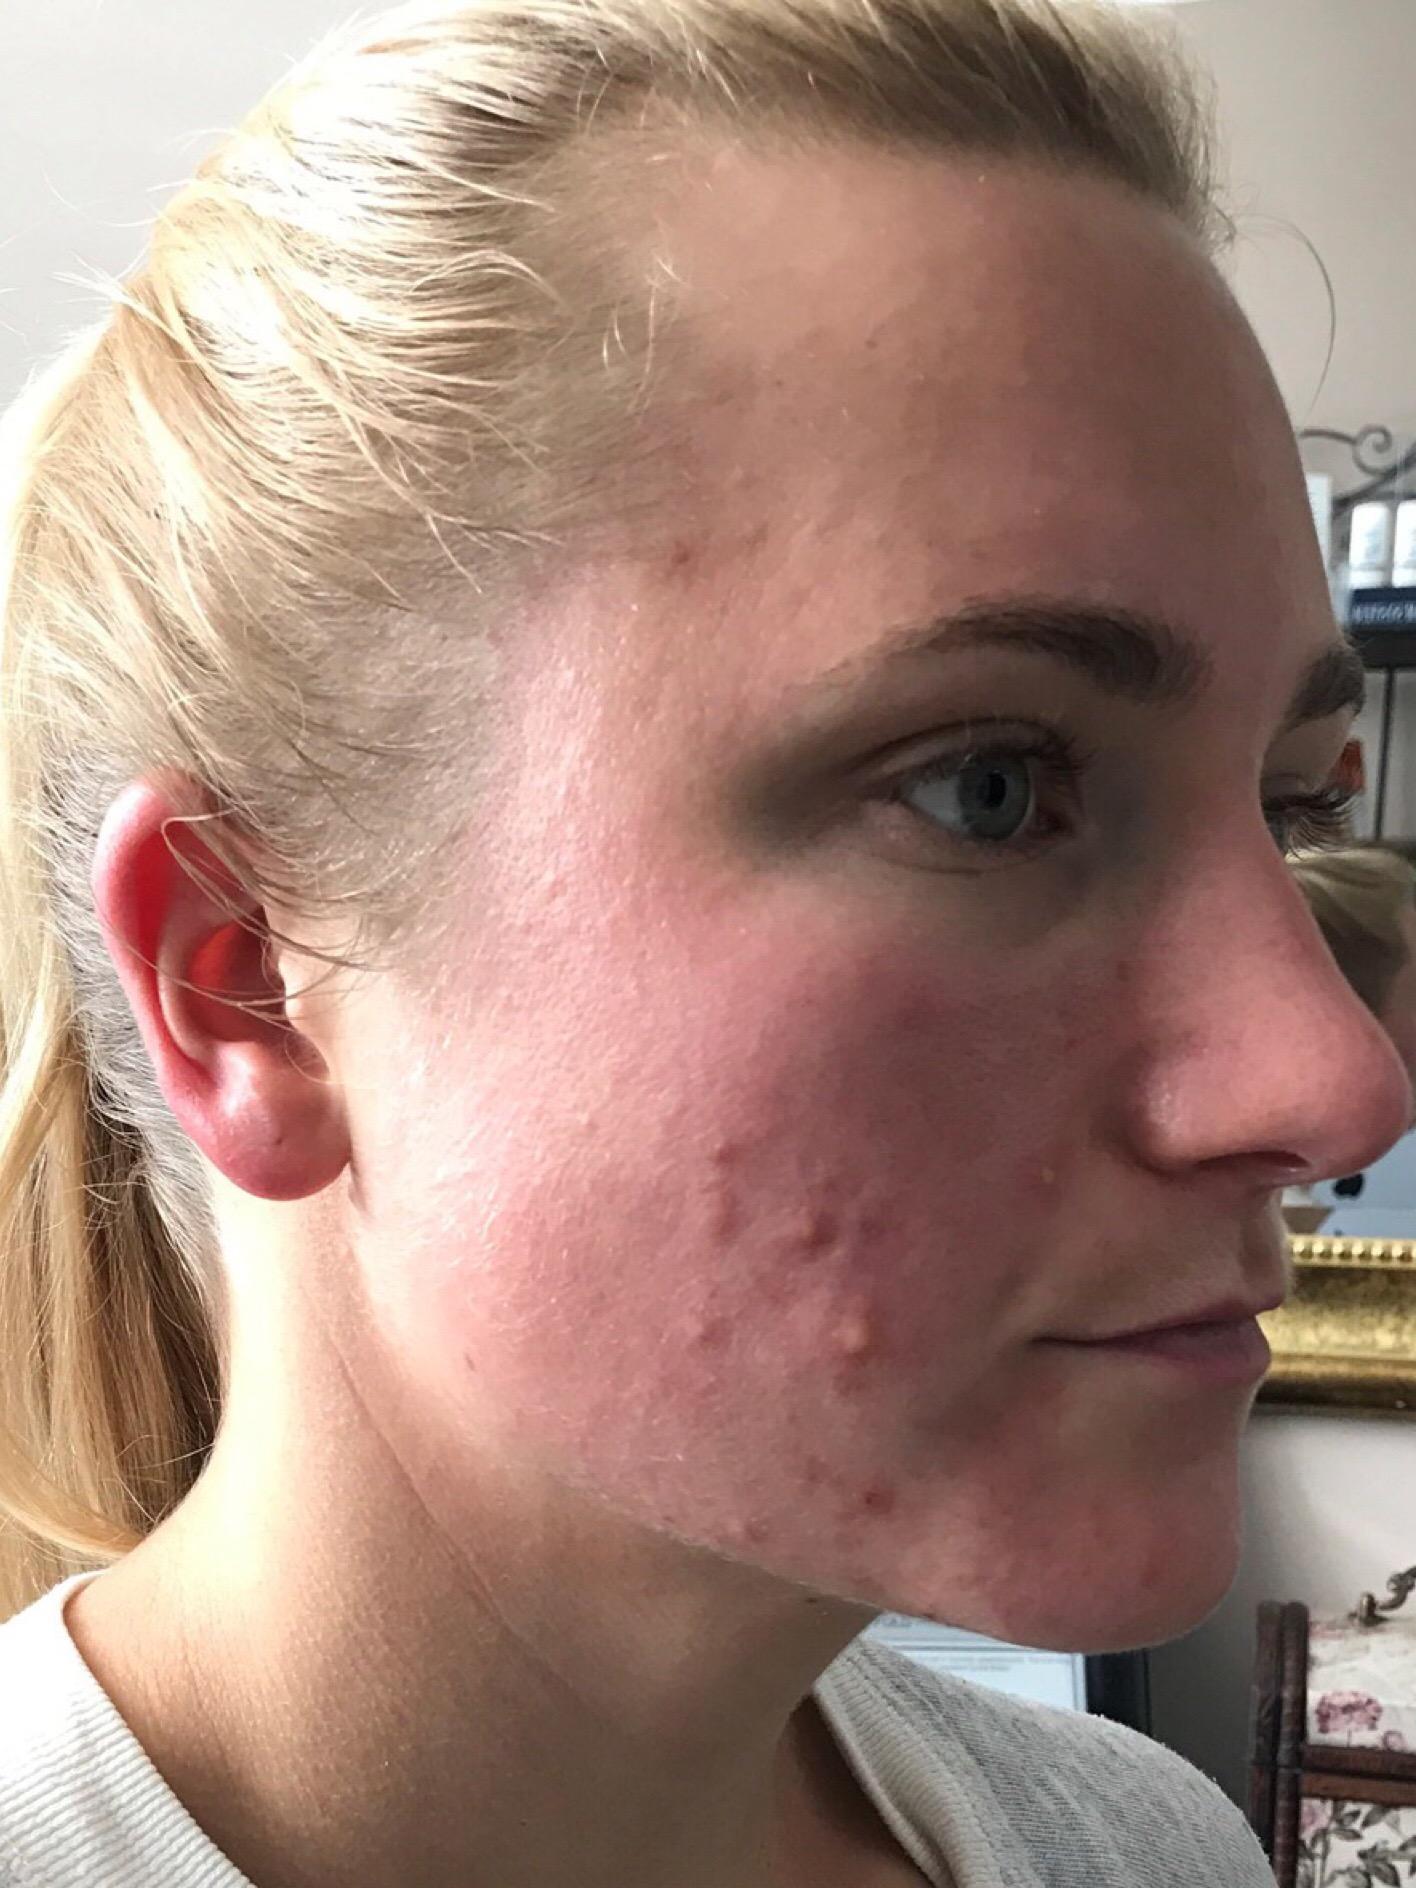 Acne Treatment Specialist - Davis, CA: Nouvelle Medical